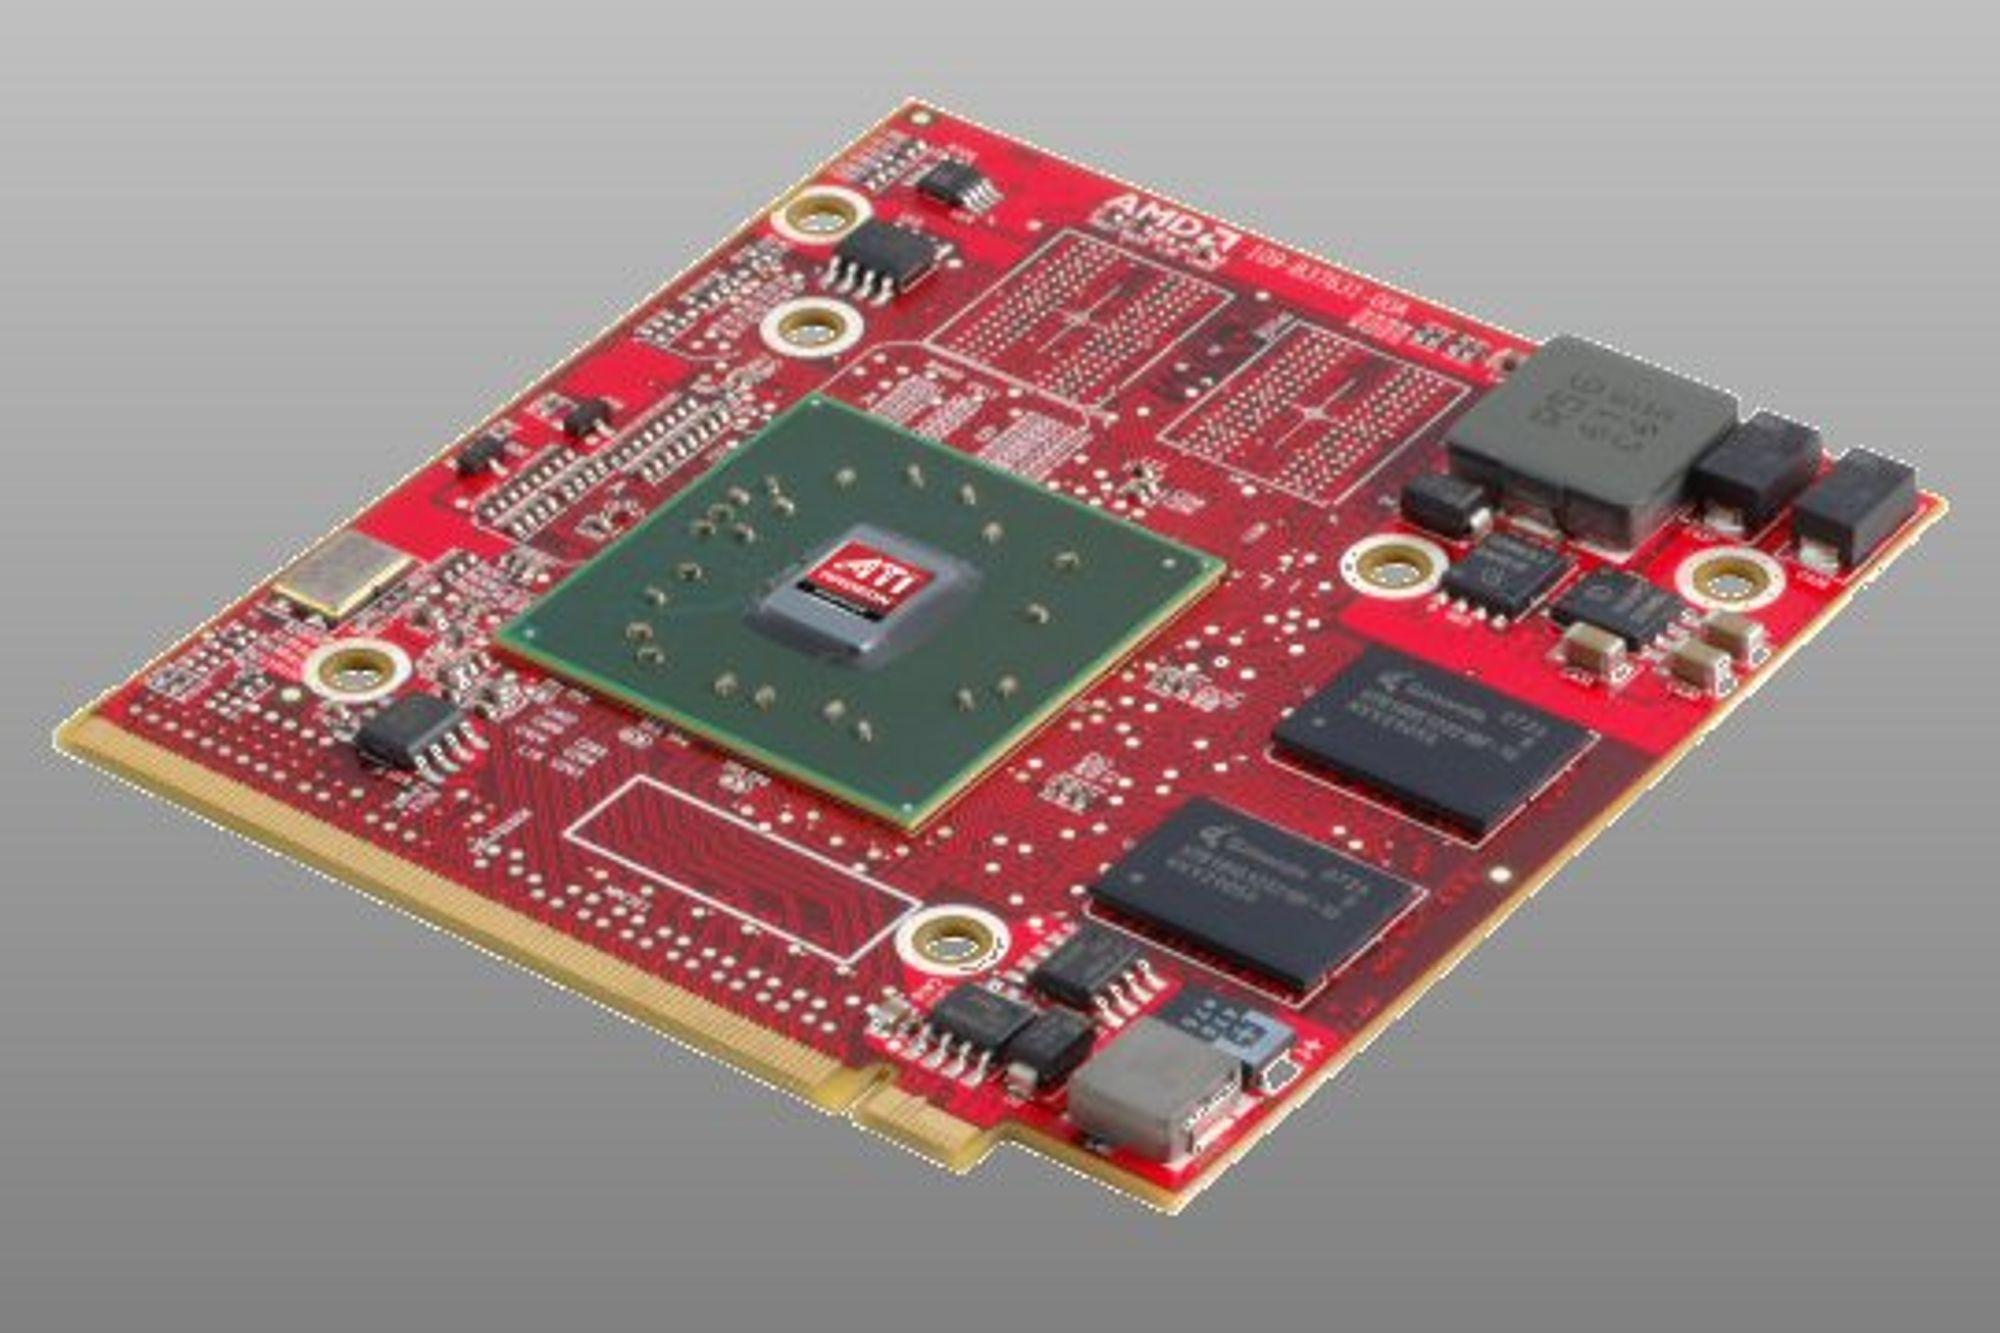 ATI Mobility Radeon HD 3400